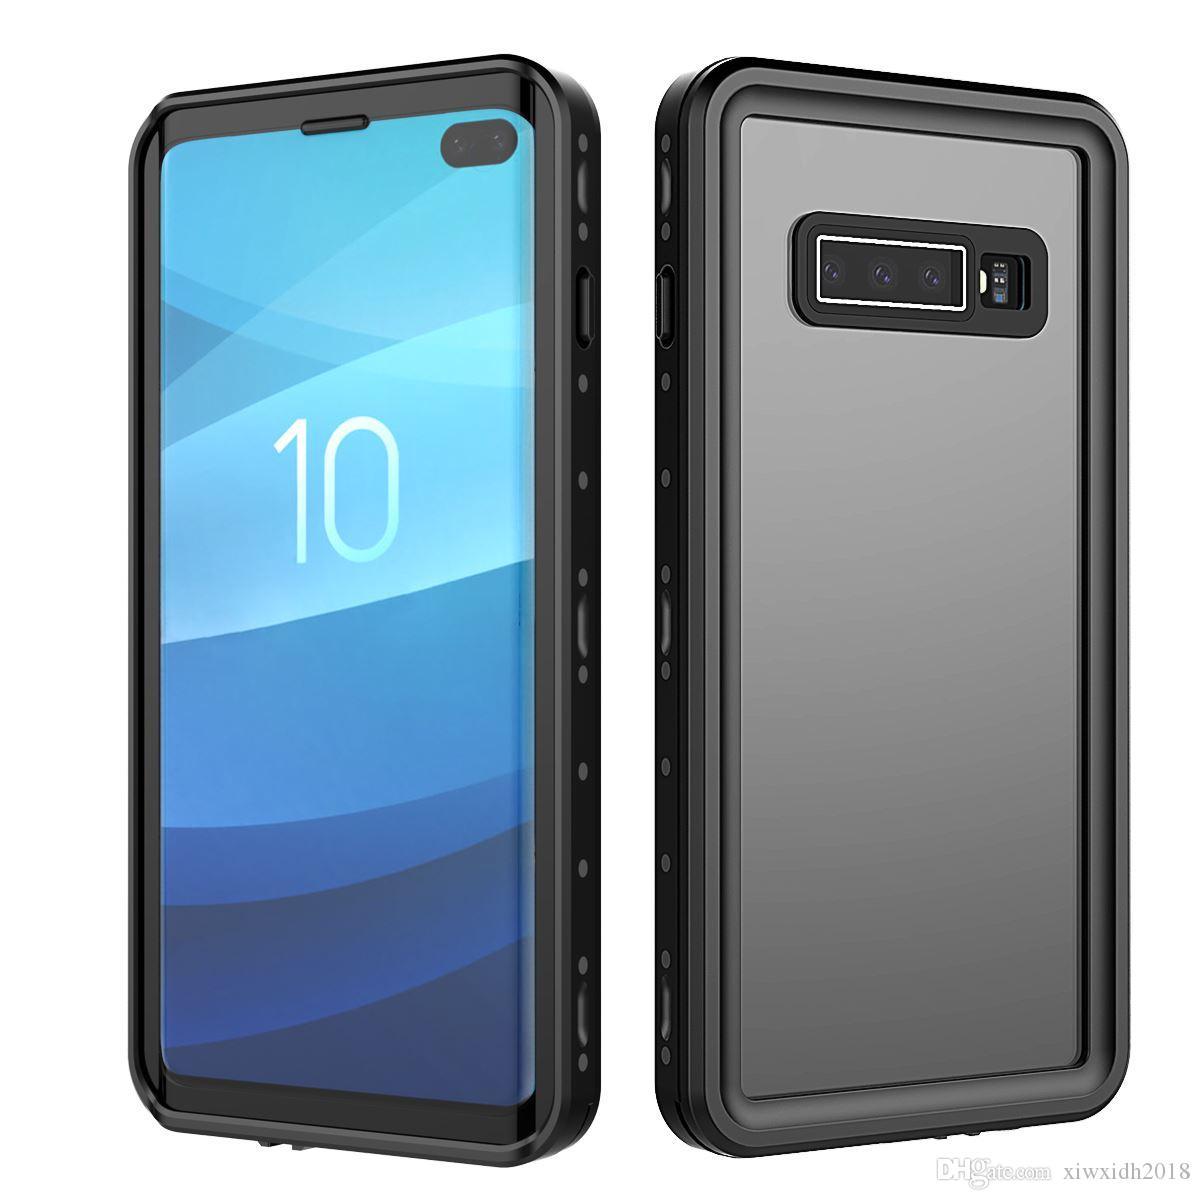 Coque d'origine IP68 Etanche Pour Galaxy S10 Plus Protection Antichoc Dirt Neige Avec Touch ID Pour Samsung Galaxy S10 Coque Cover Cover